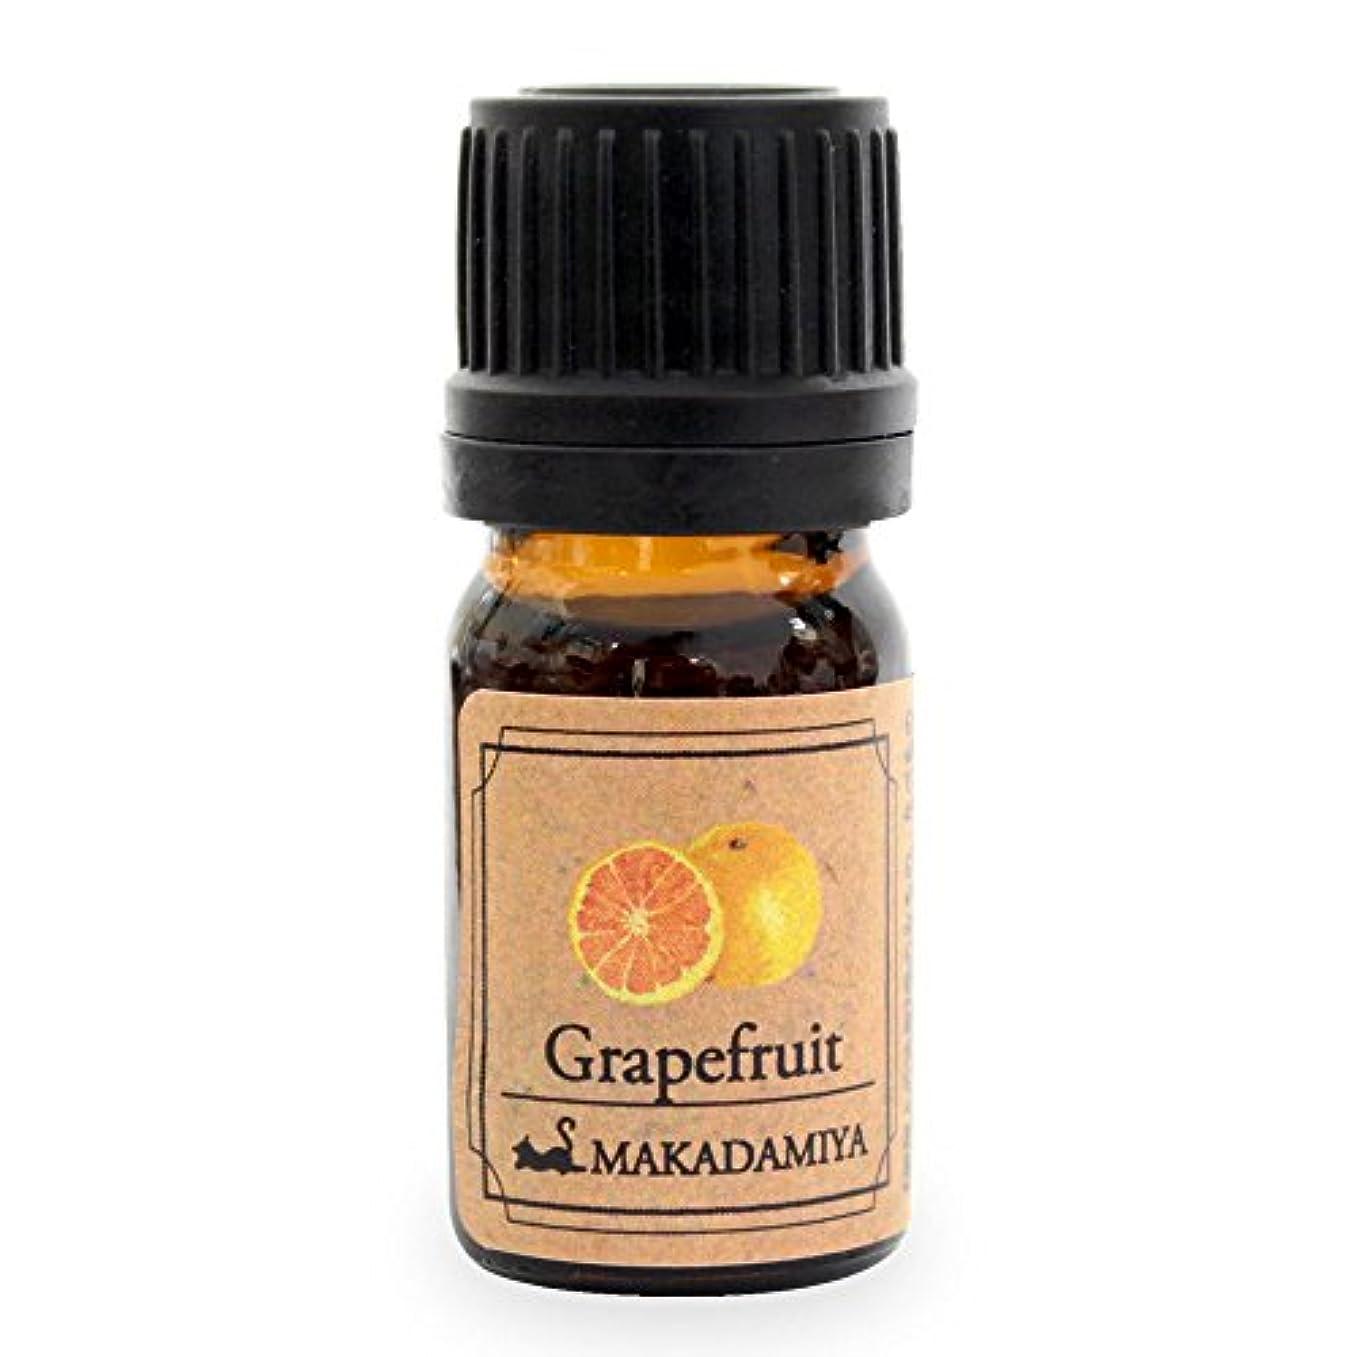 社会科シリングシーサイドグレープフルーツ5ml 天然100%植物性 エッセンシャルオイル(精油) アロマオイル アロママッサージ aroma Grapefruit